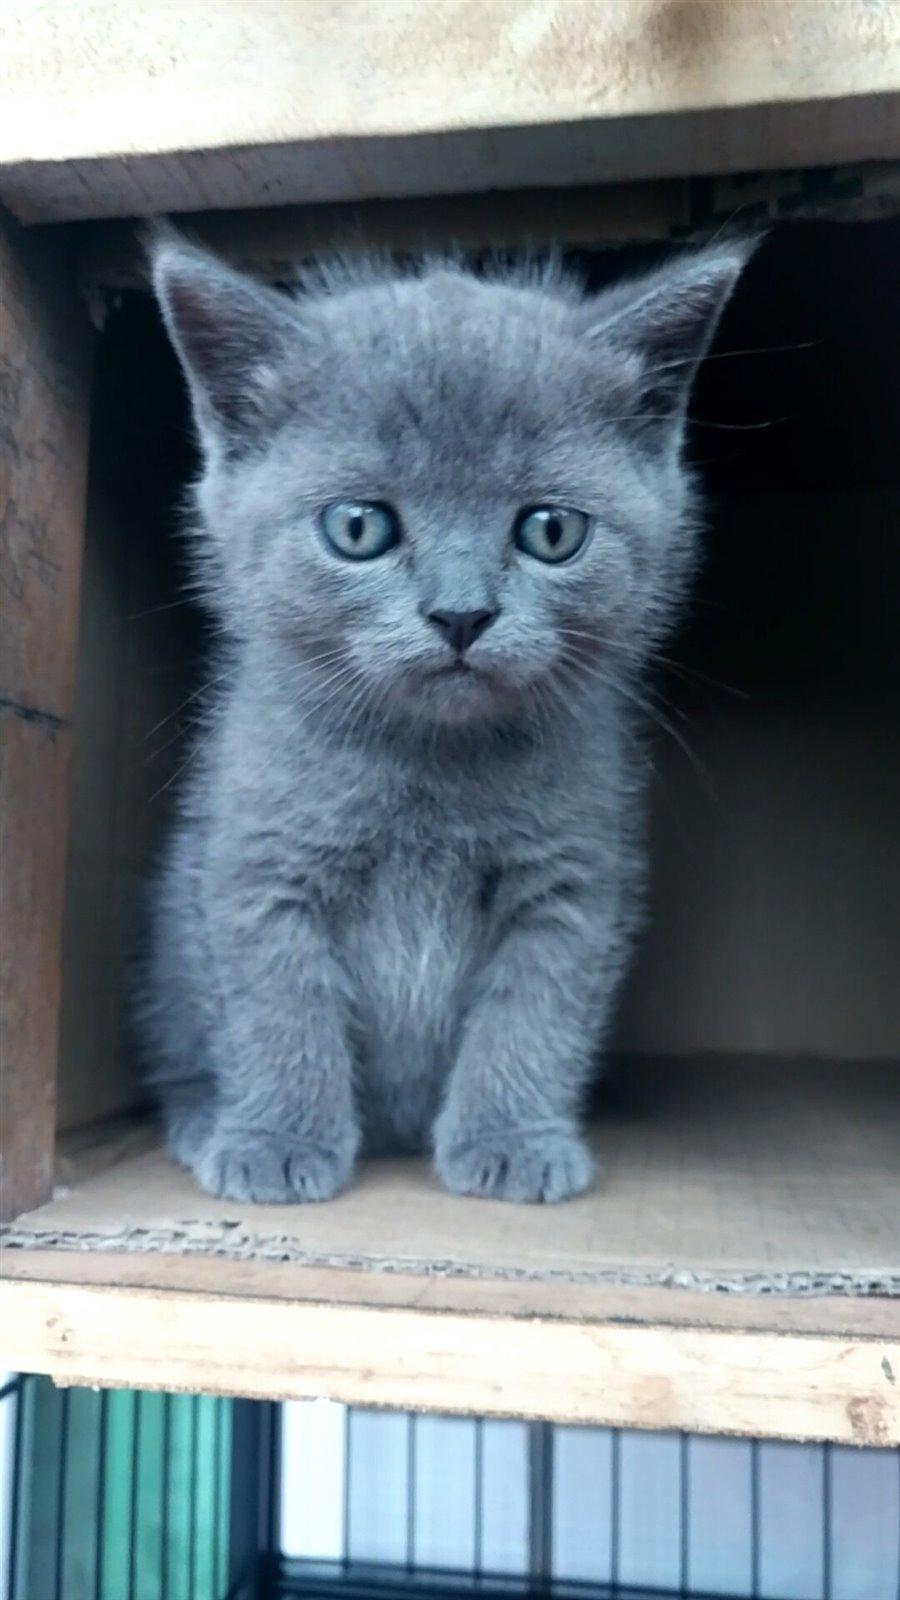 出一只英短蓝猫小母猫,会用猫砂吃猫粮